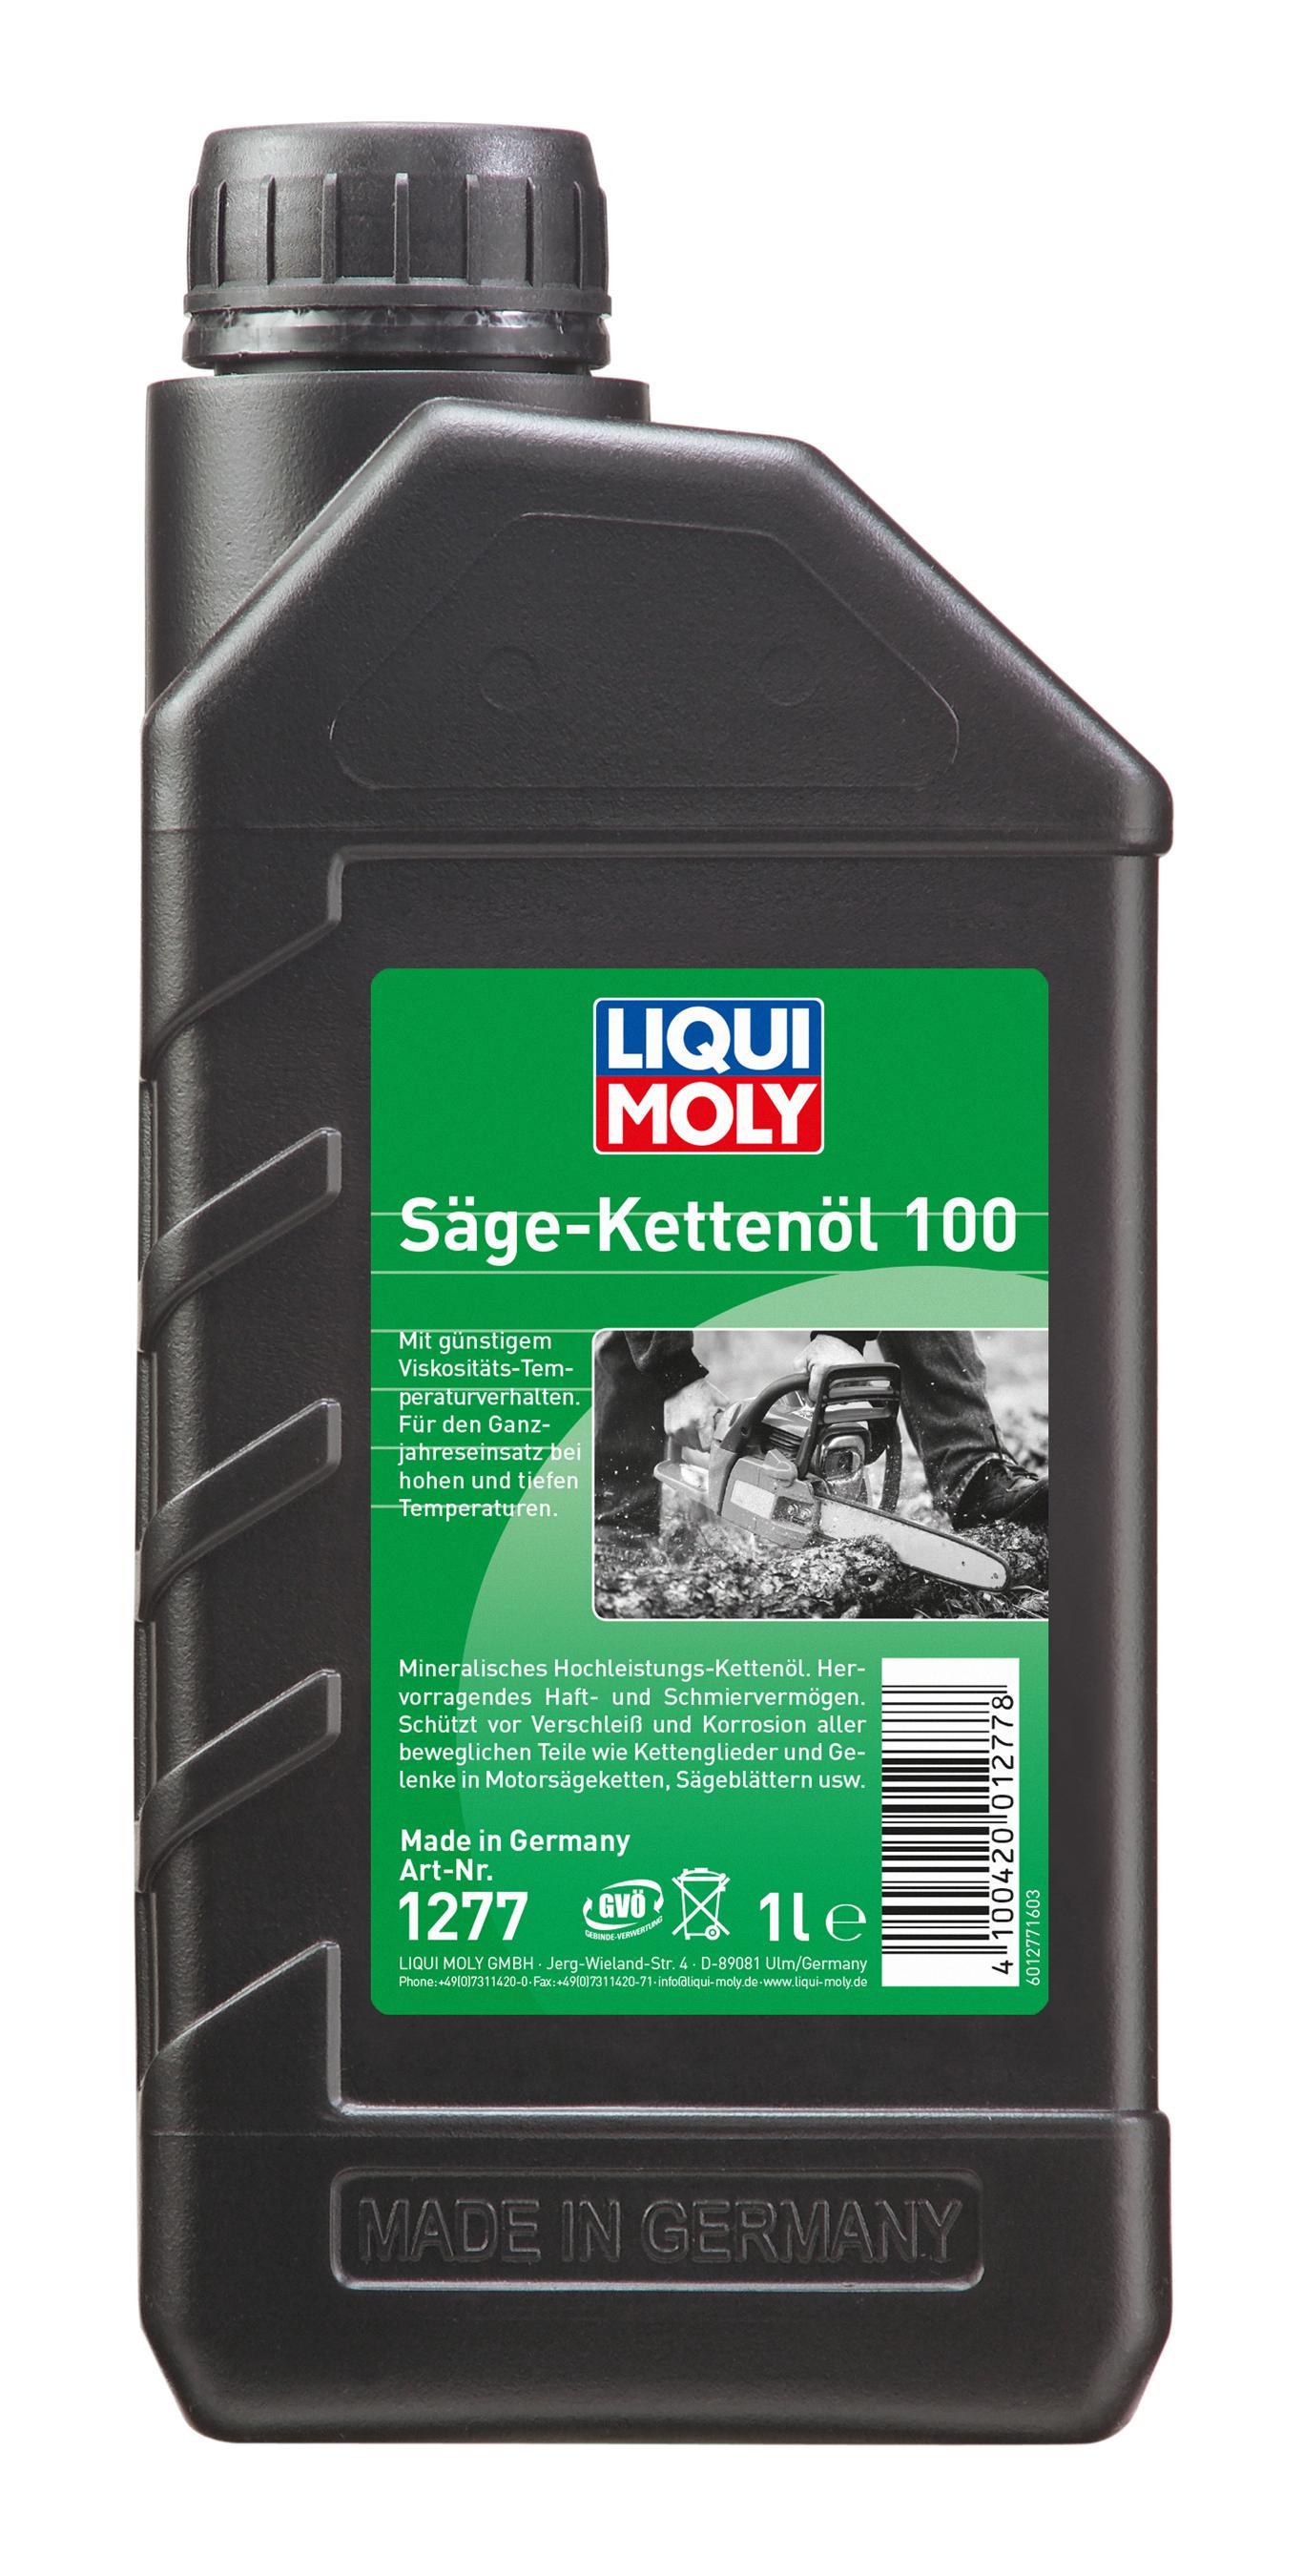 Liqui Moly Säge-Kettenöl 100  1 Liter Bild 1